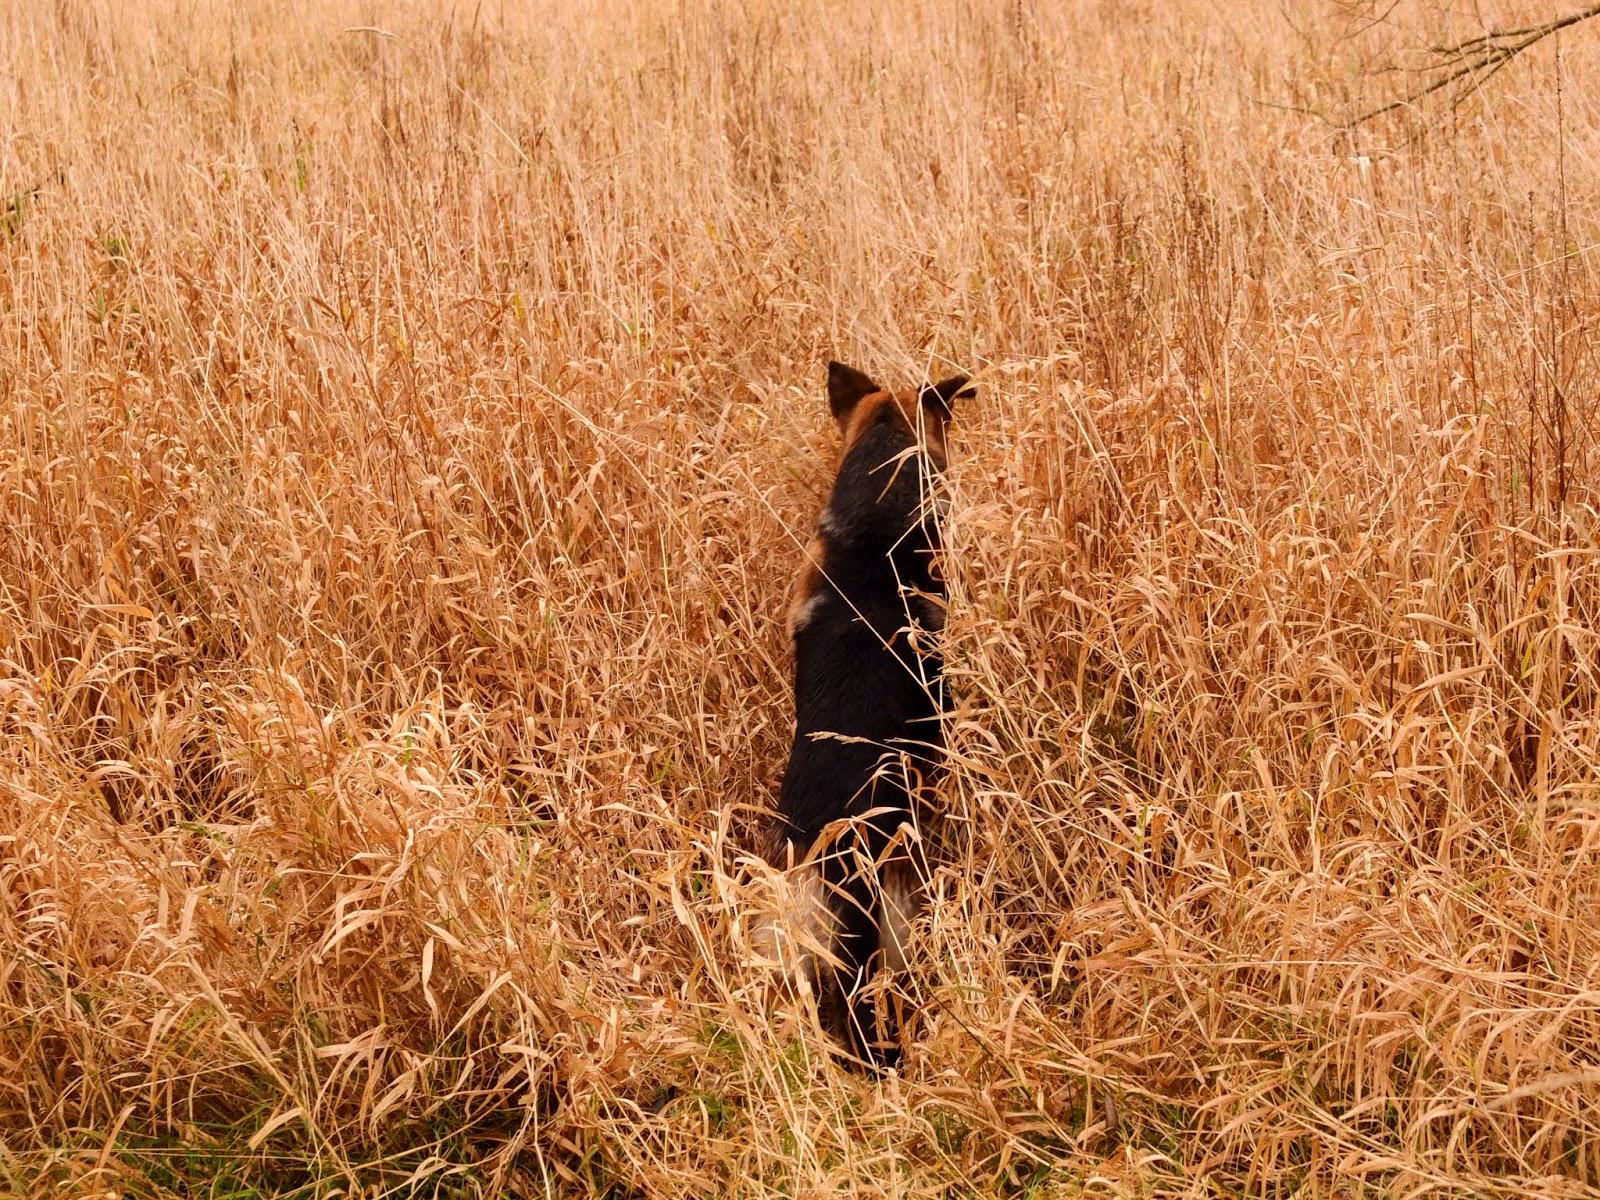 A German Shepherd jumping in long, golden grass chasing after a stick.